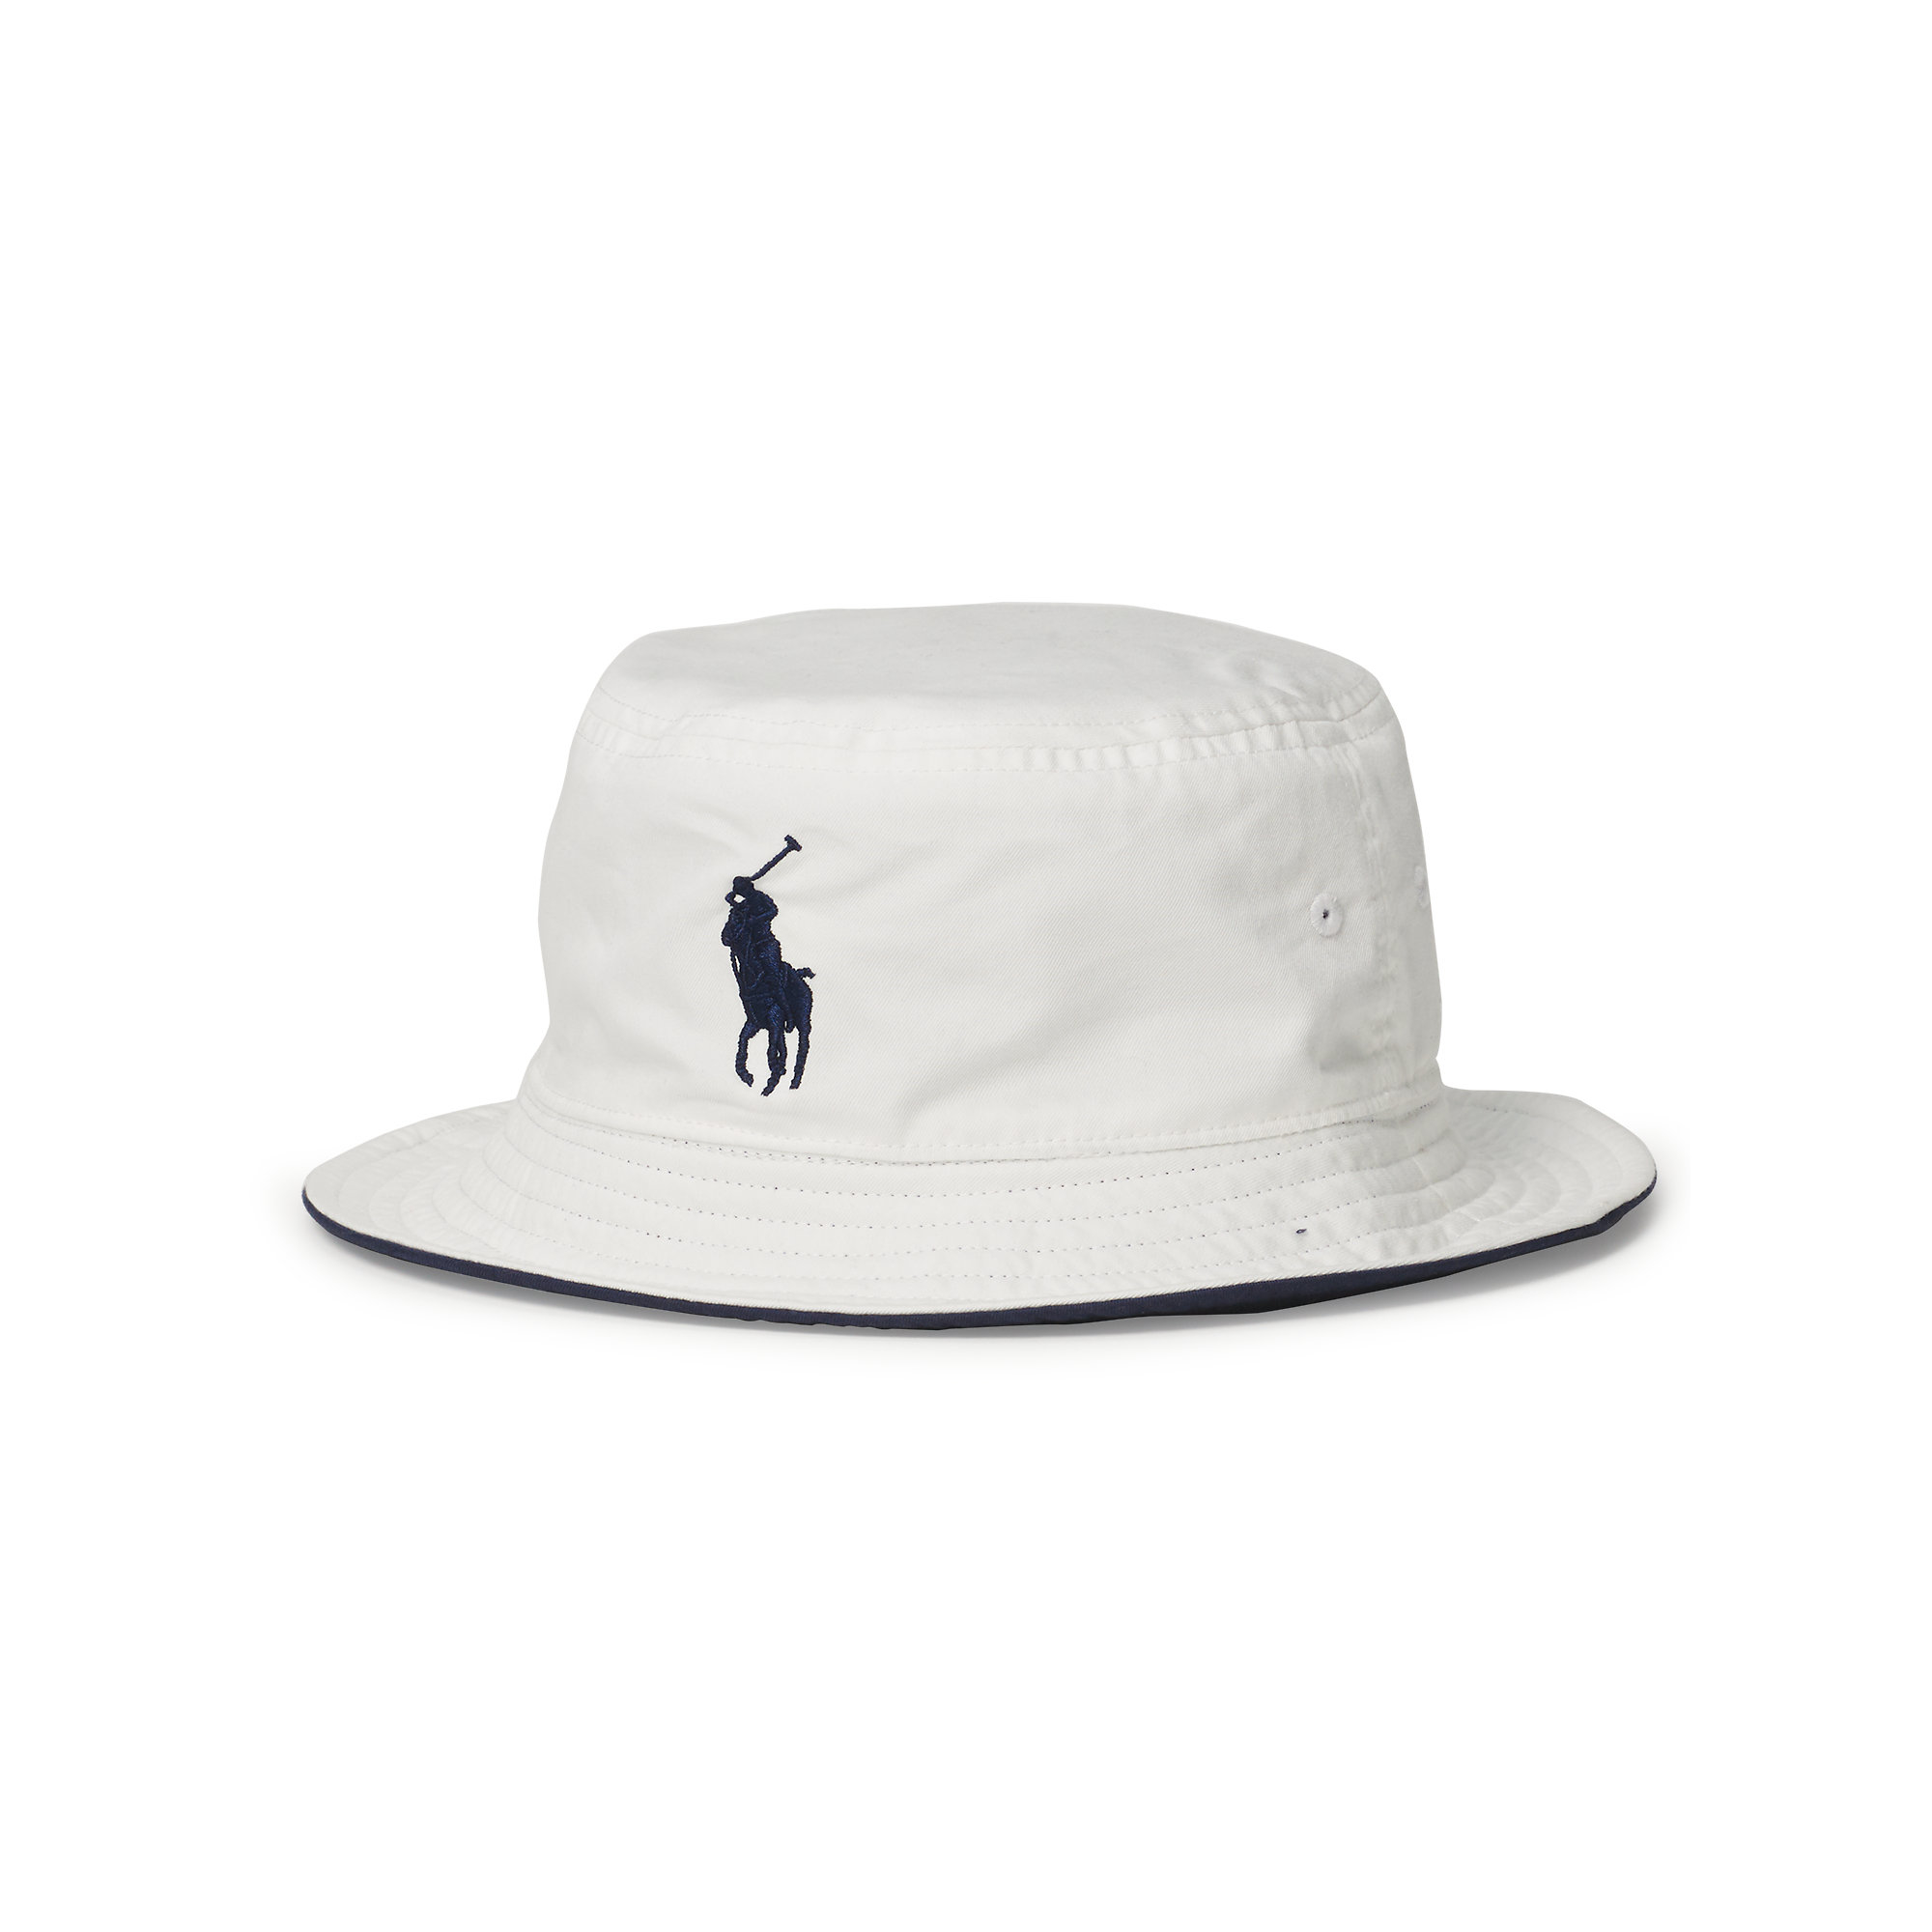 7dd26232fc9fd Ralph Lauren Polo Hats For Cheap